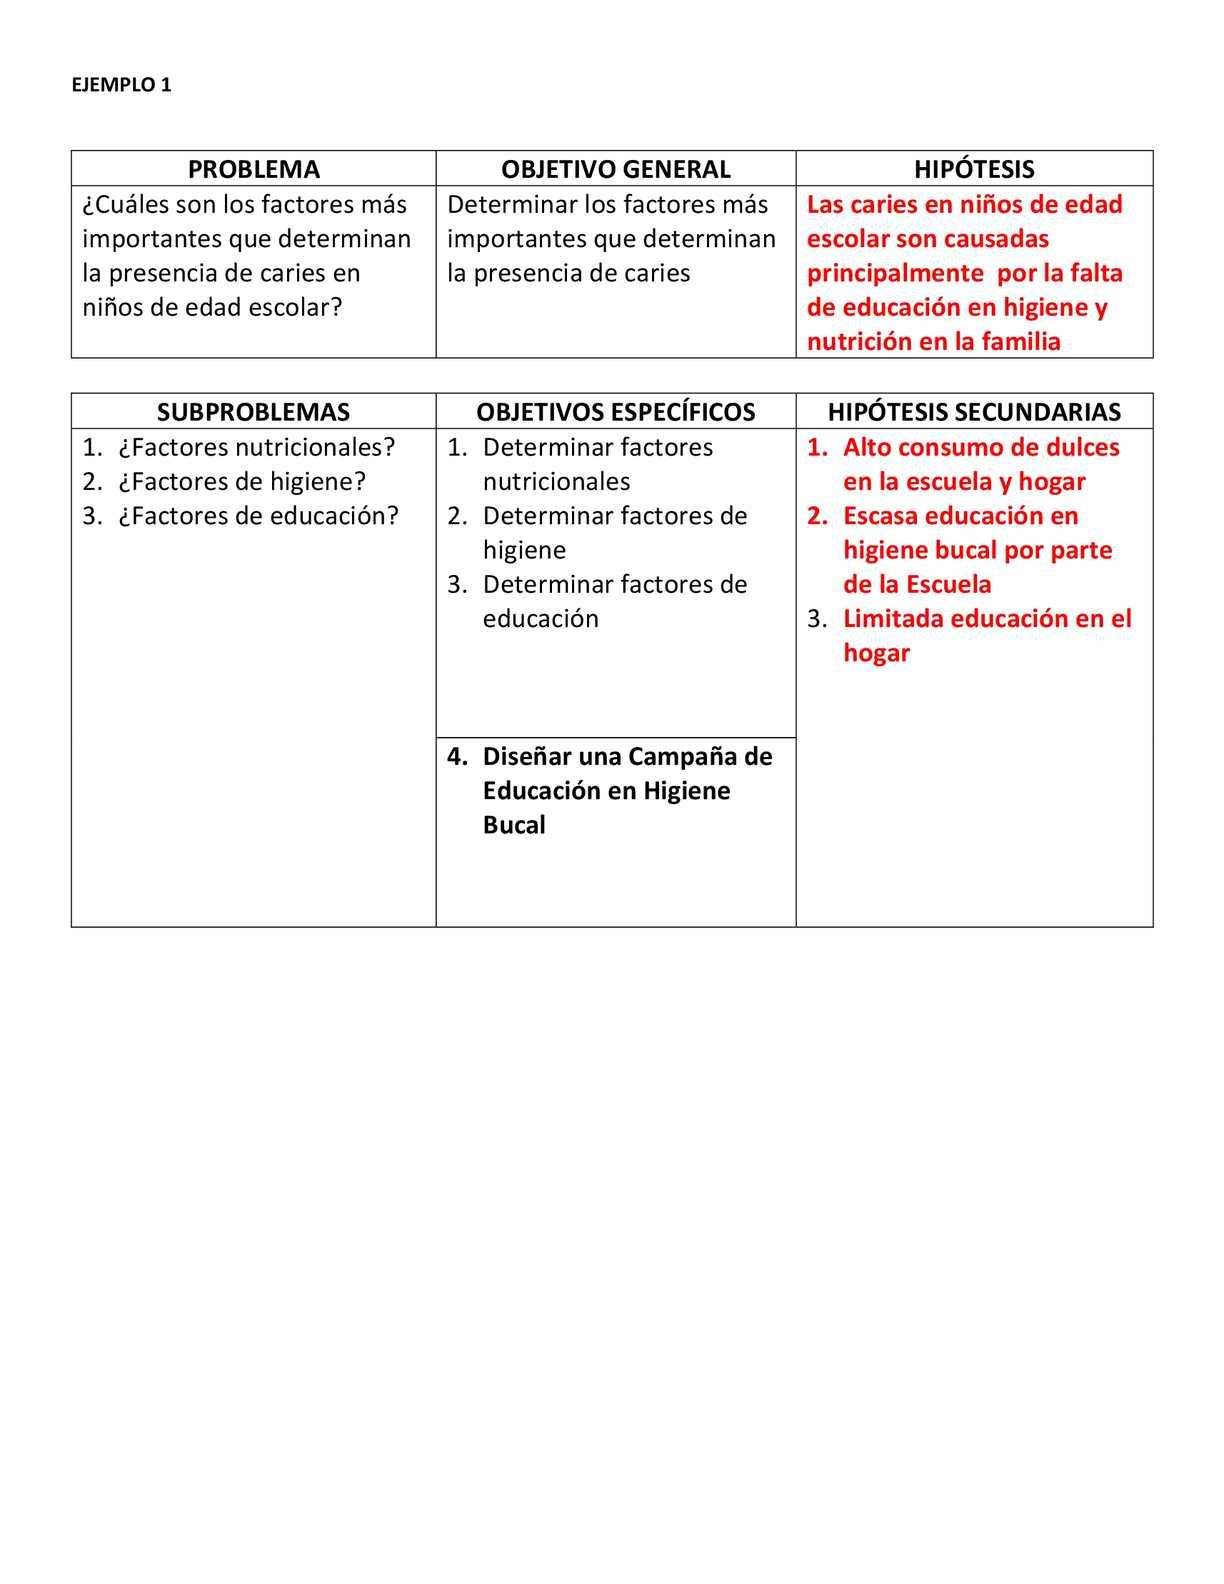 EJEMPLO OPERACIONALIZACIÓN DE LA HIPÓTESIS